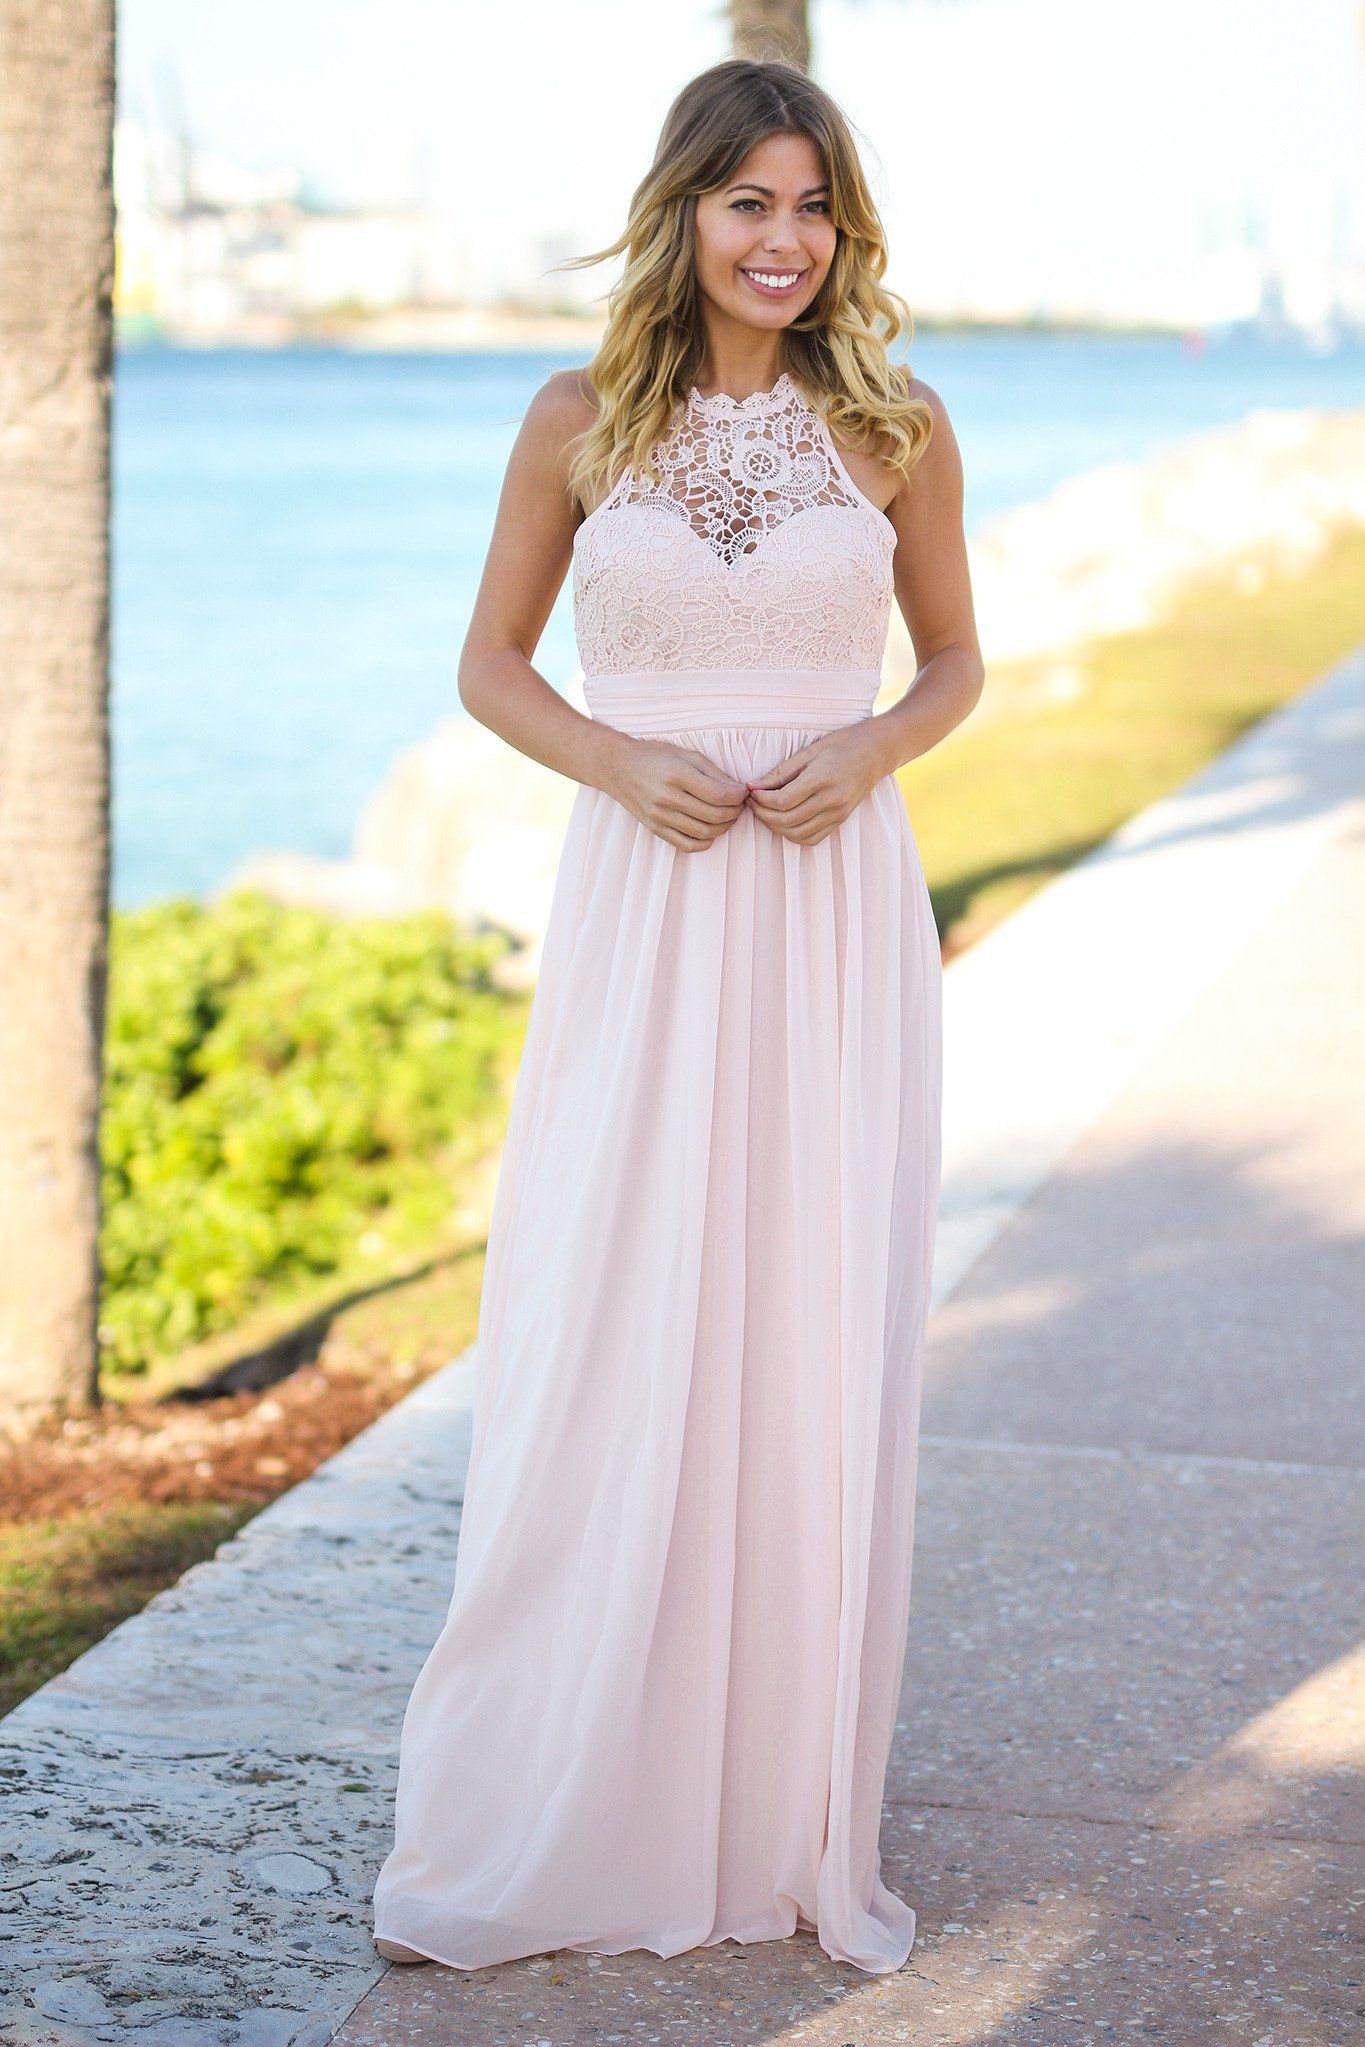 Shell crochet maxi dress wedding pinterest dress ideas beach